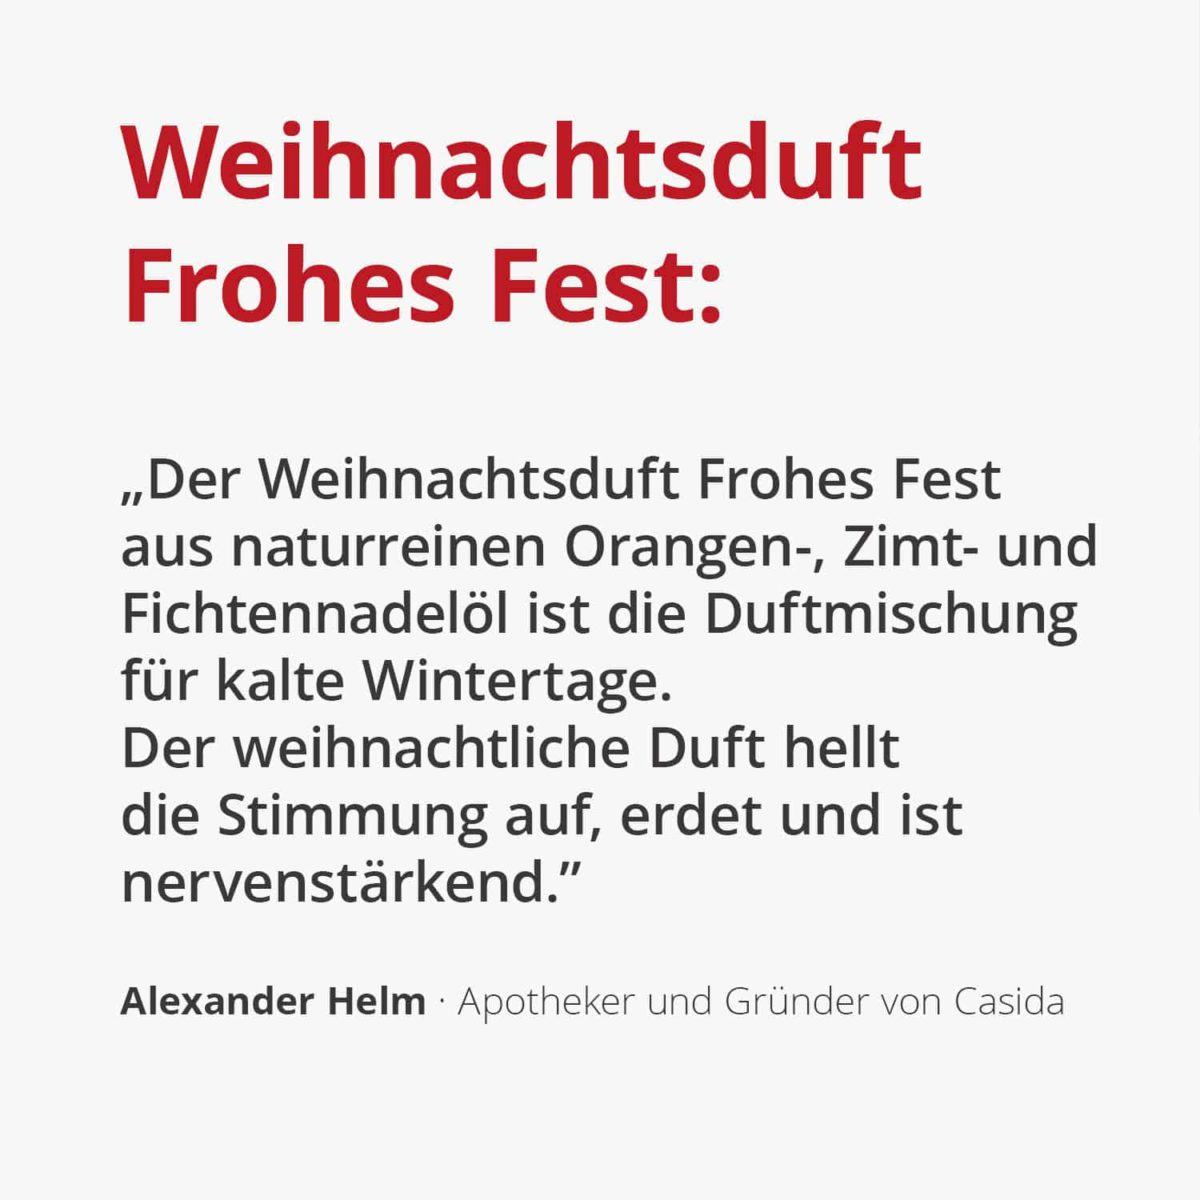 Casida Weihnachtsduft Frohes Fest - 10 ml 16852194 Ätherisches öl naturrein Orange Fichte Zimt Weihnachtsland2